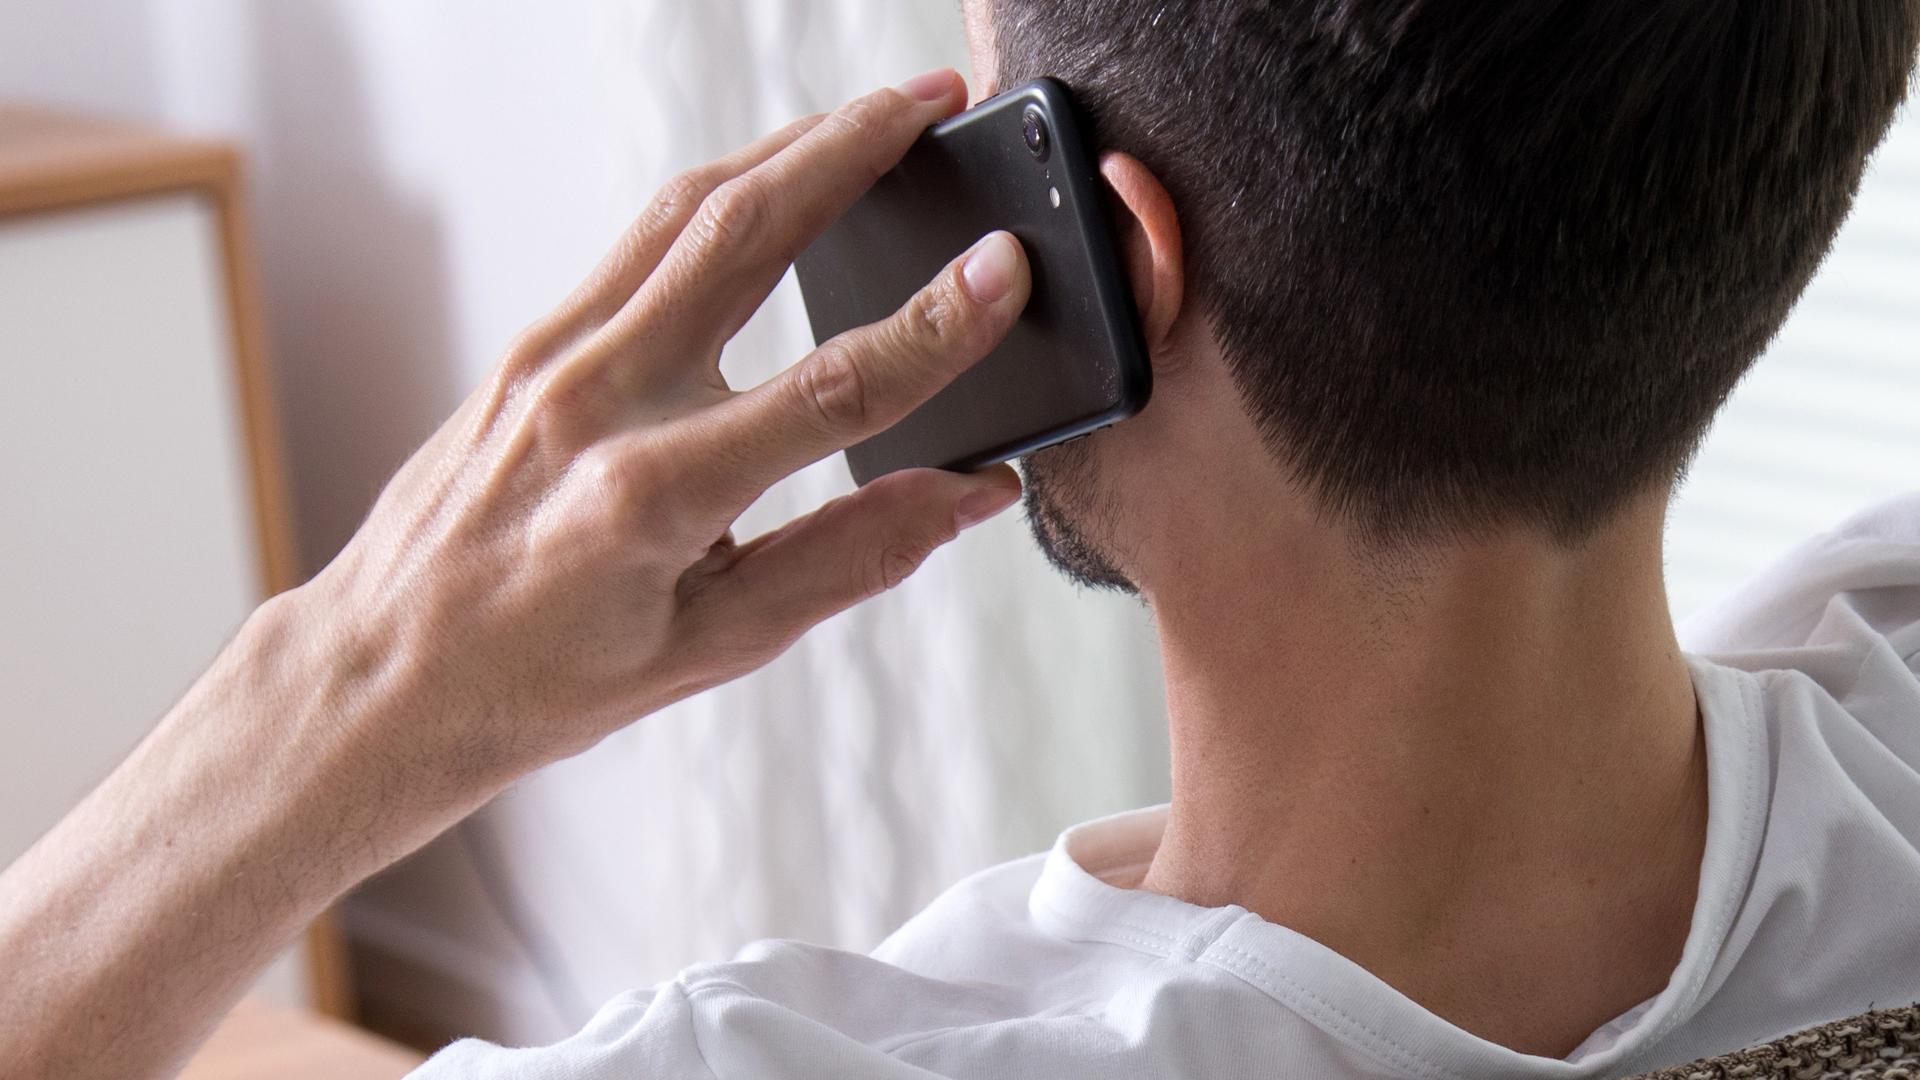 Mann hat ein Handy am Ohr